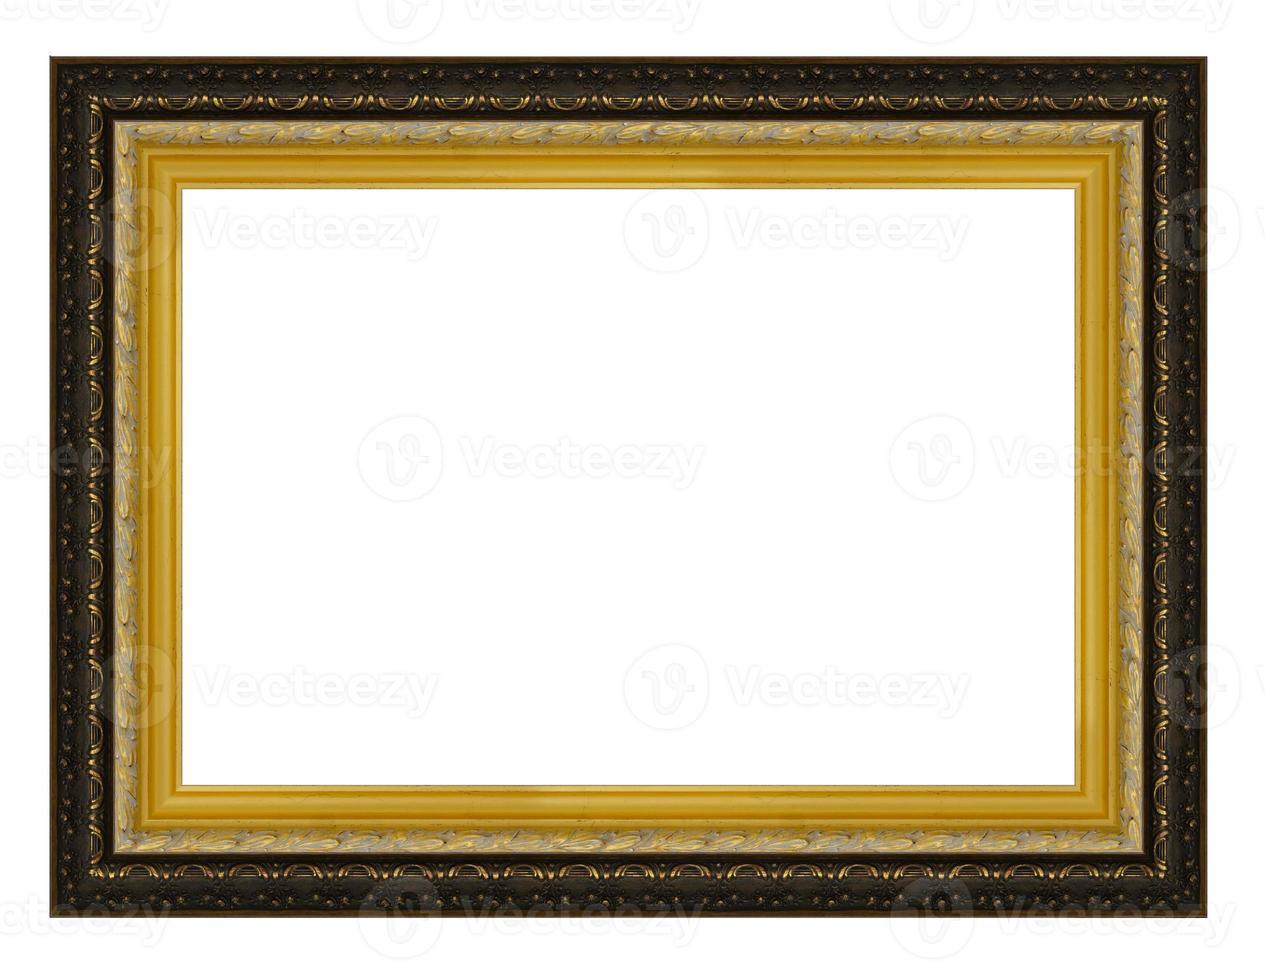 moldura de madeira ouro vintage foto